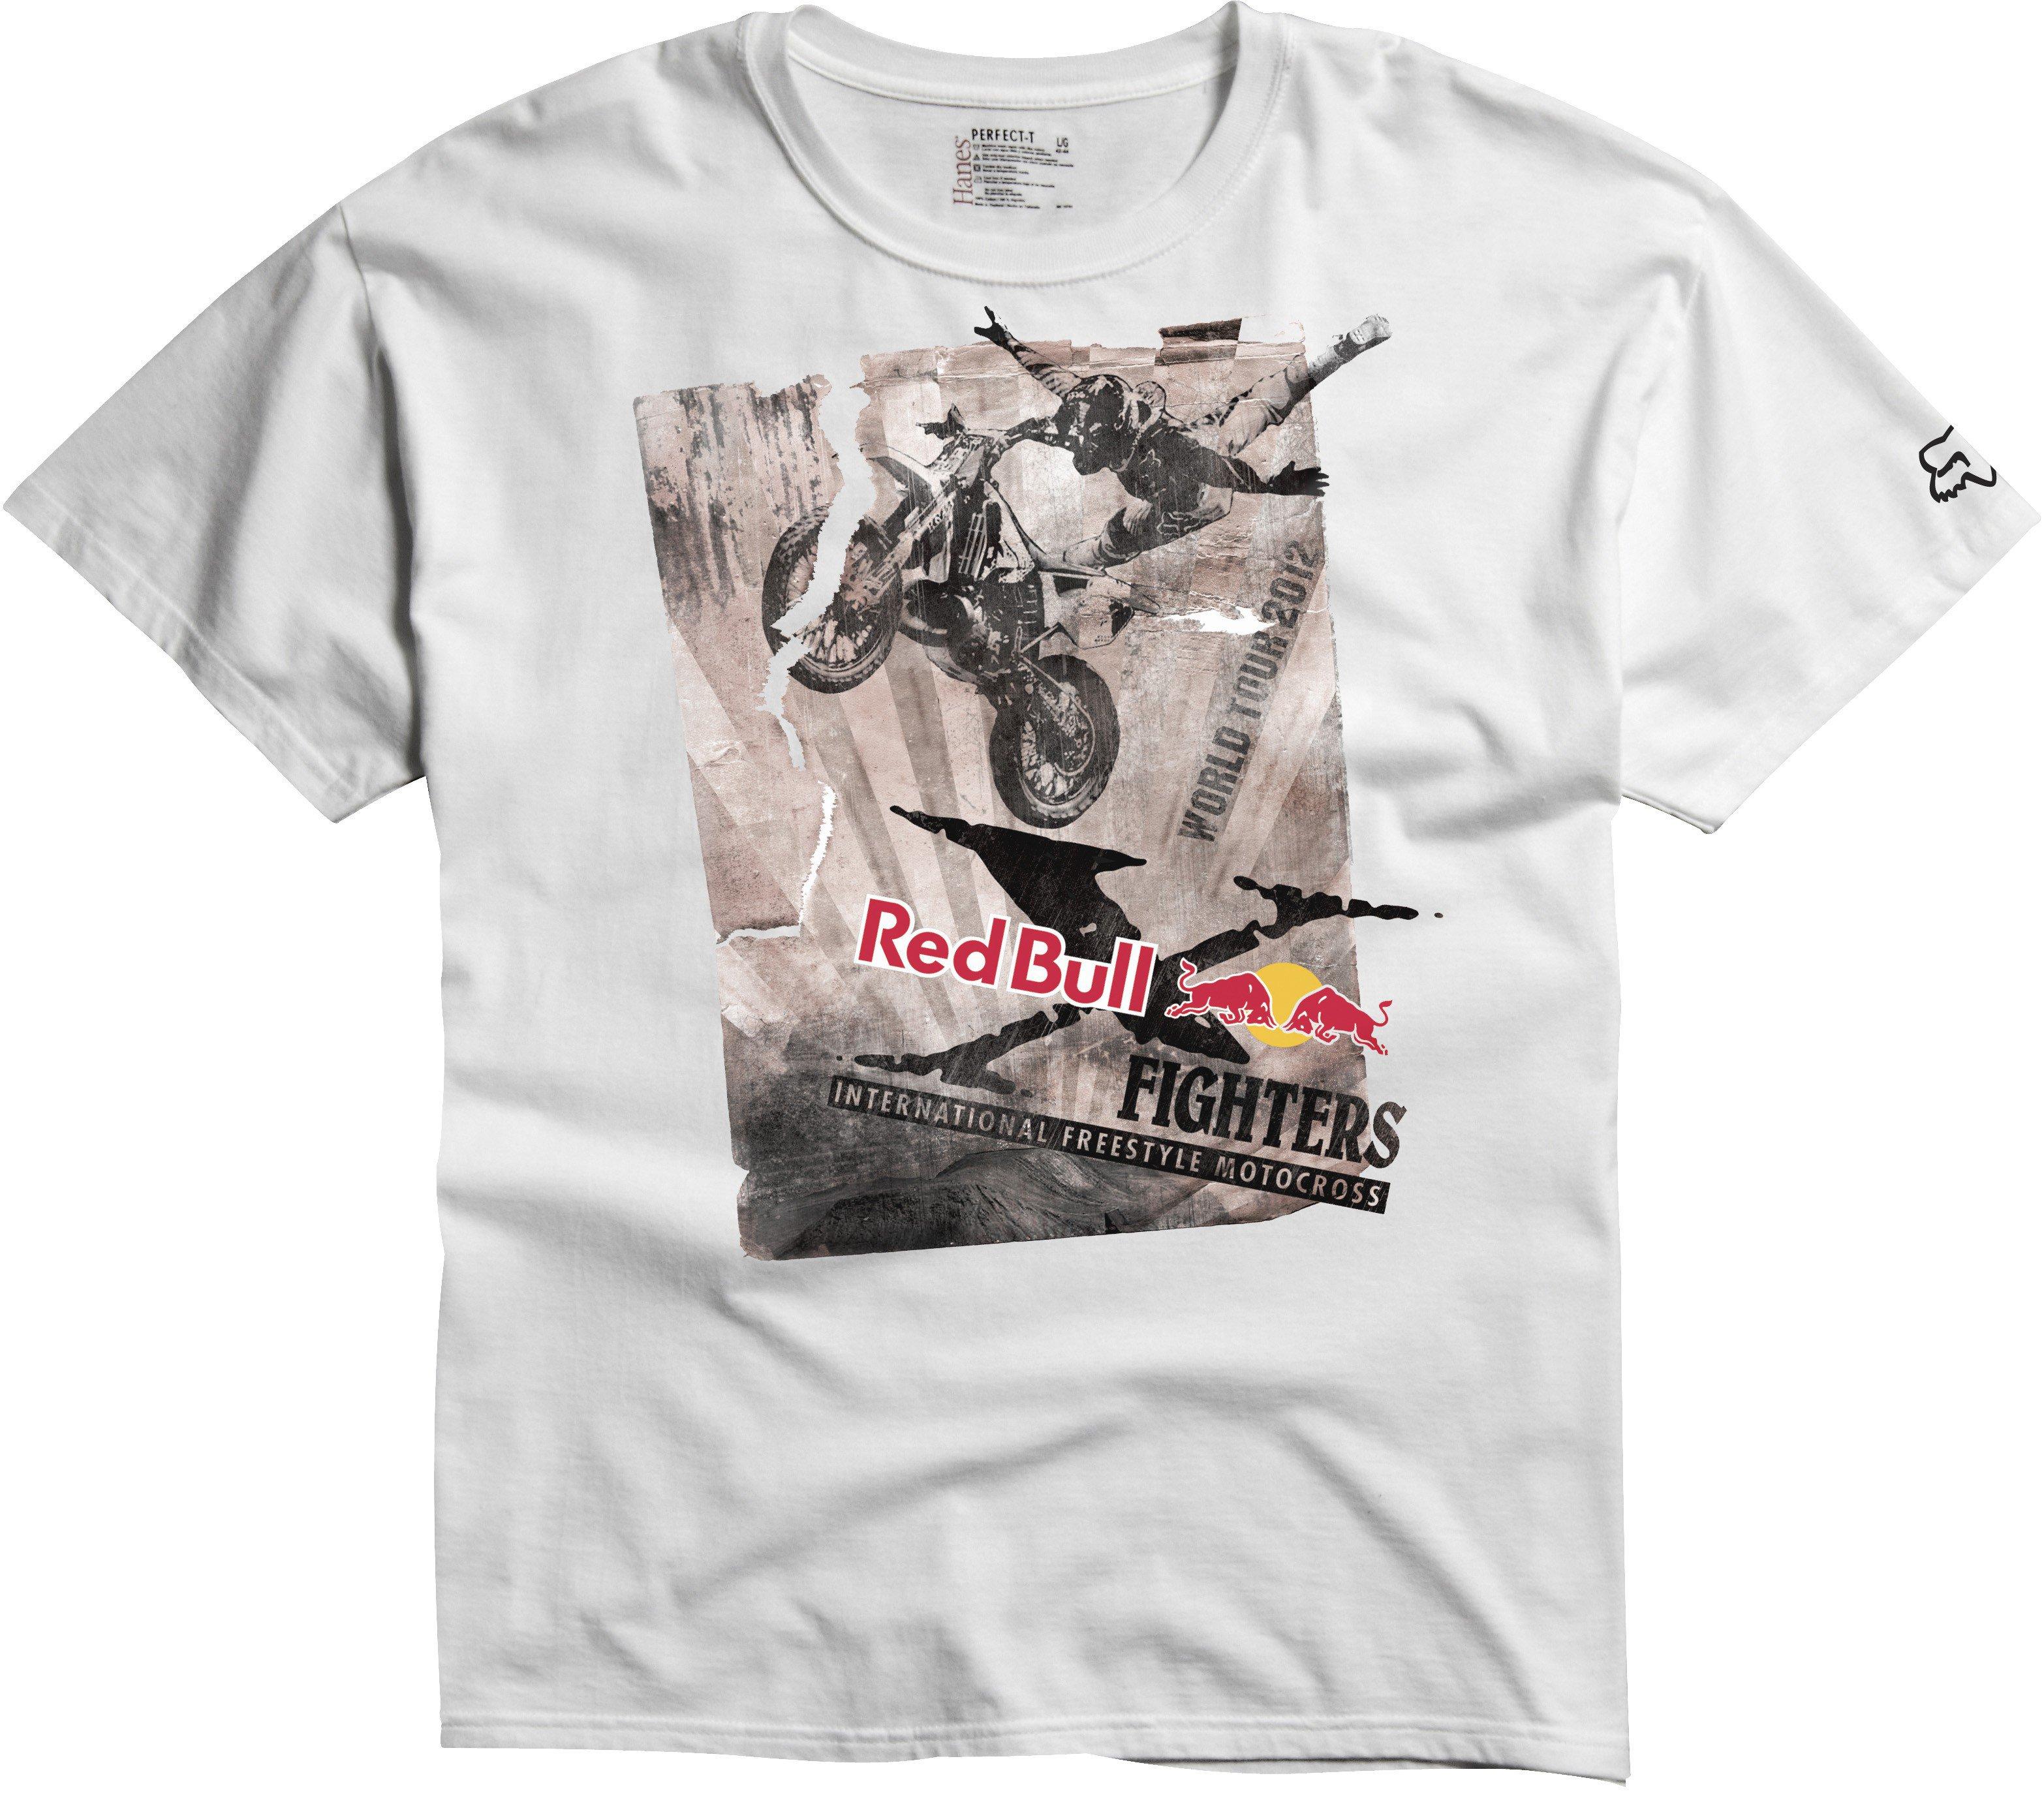 Tričko pánské FOX Red Bull Posterized Tour bílé velkost M